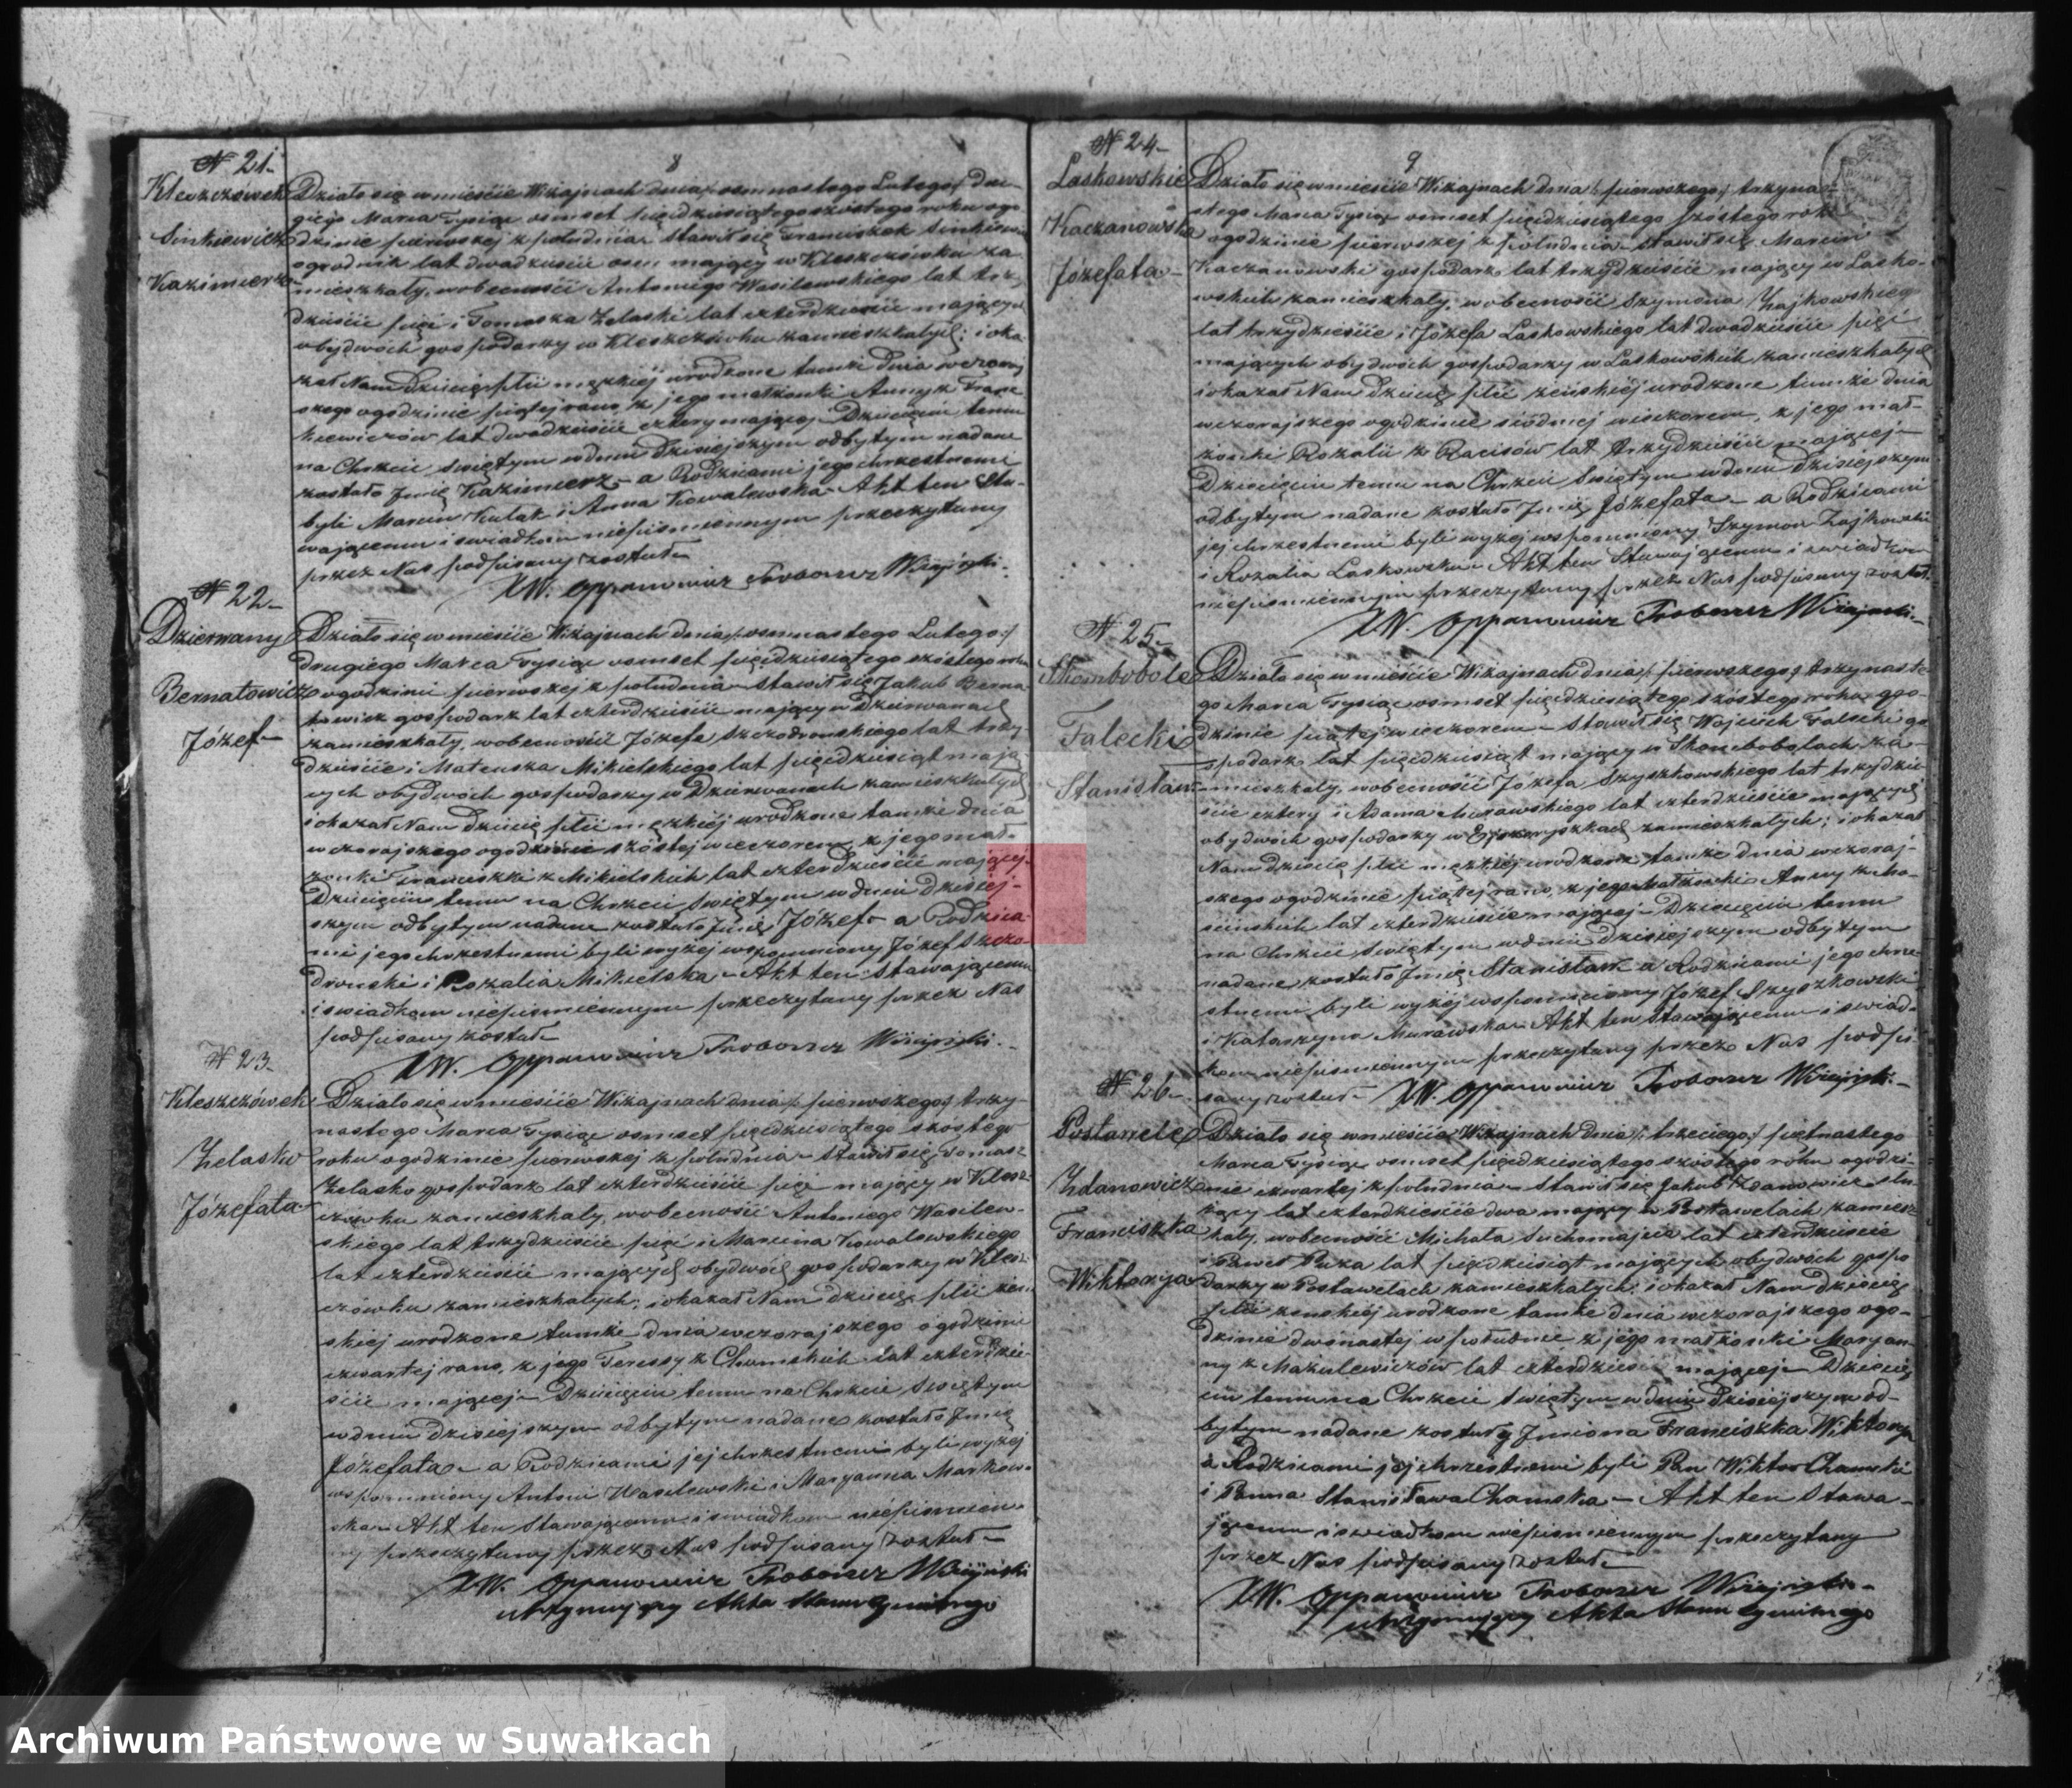 Skan z jednostki: Duplikat urodzonych, zaślubionych i umarłych parafii wiżajńskiej na rok 1856